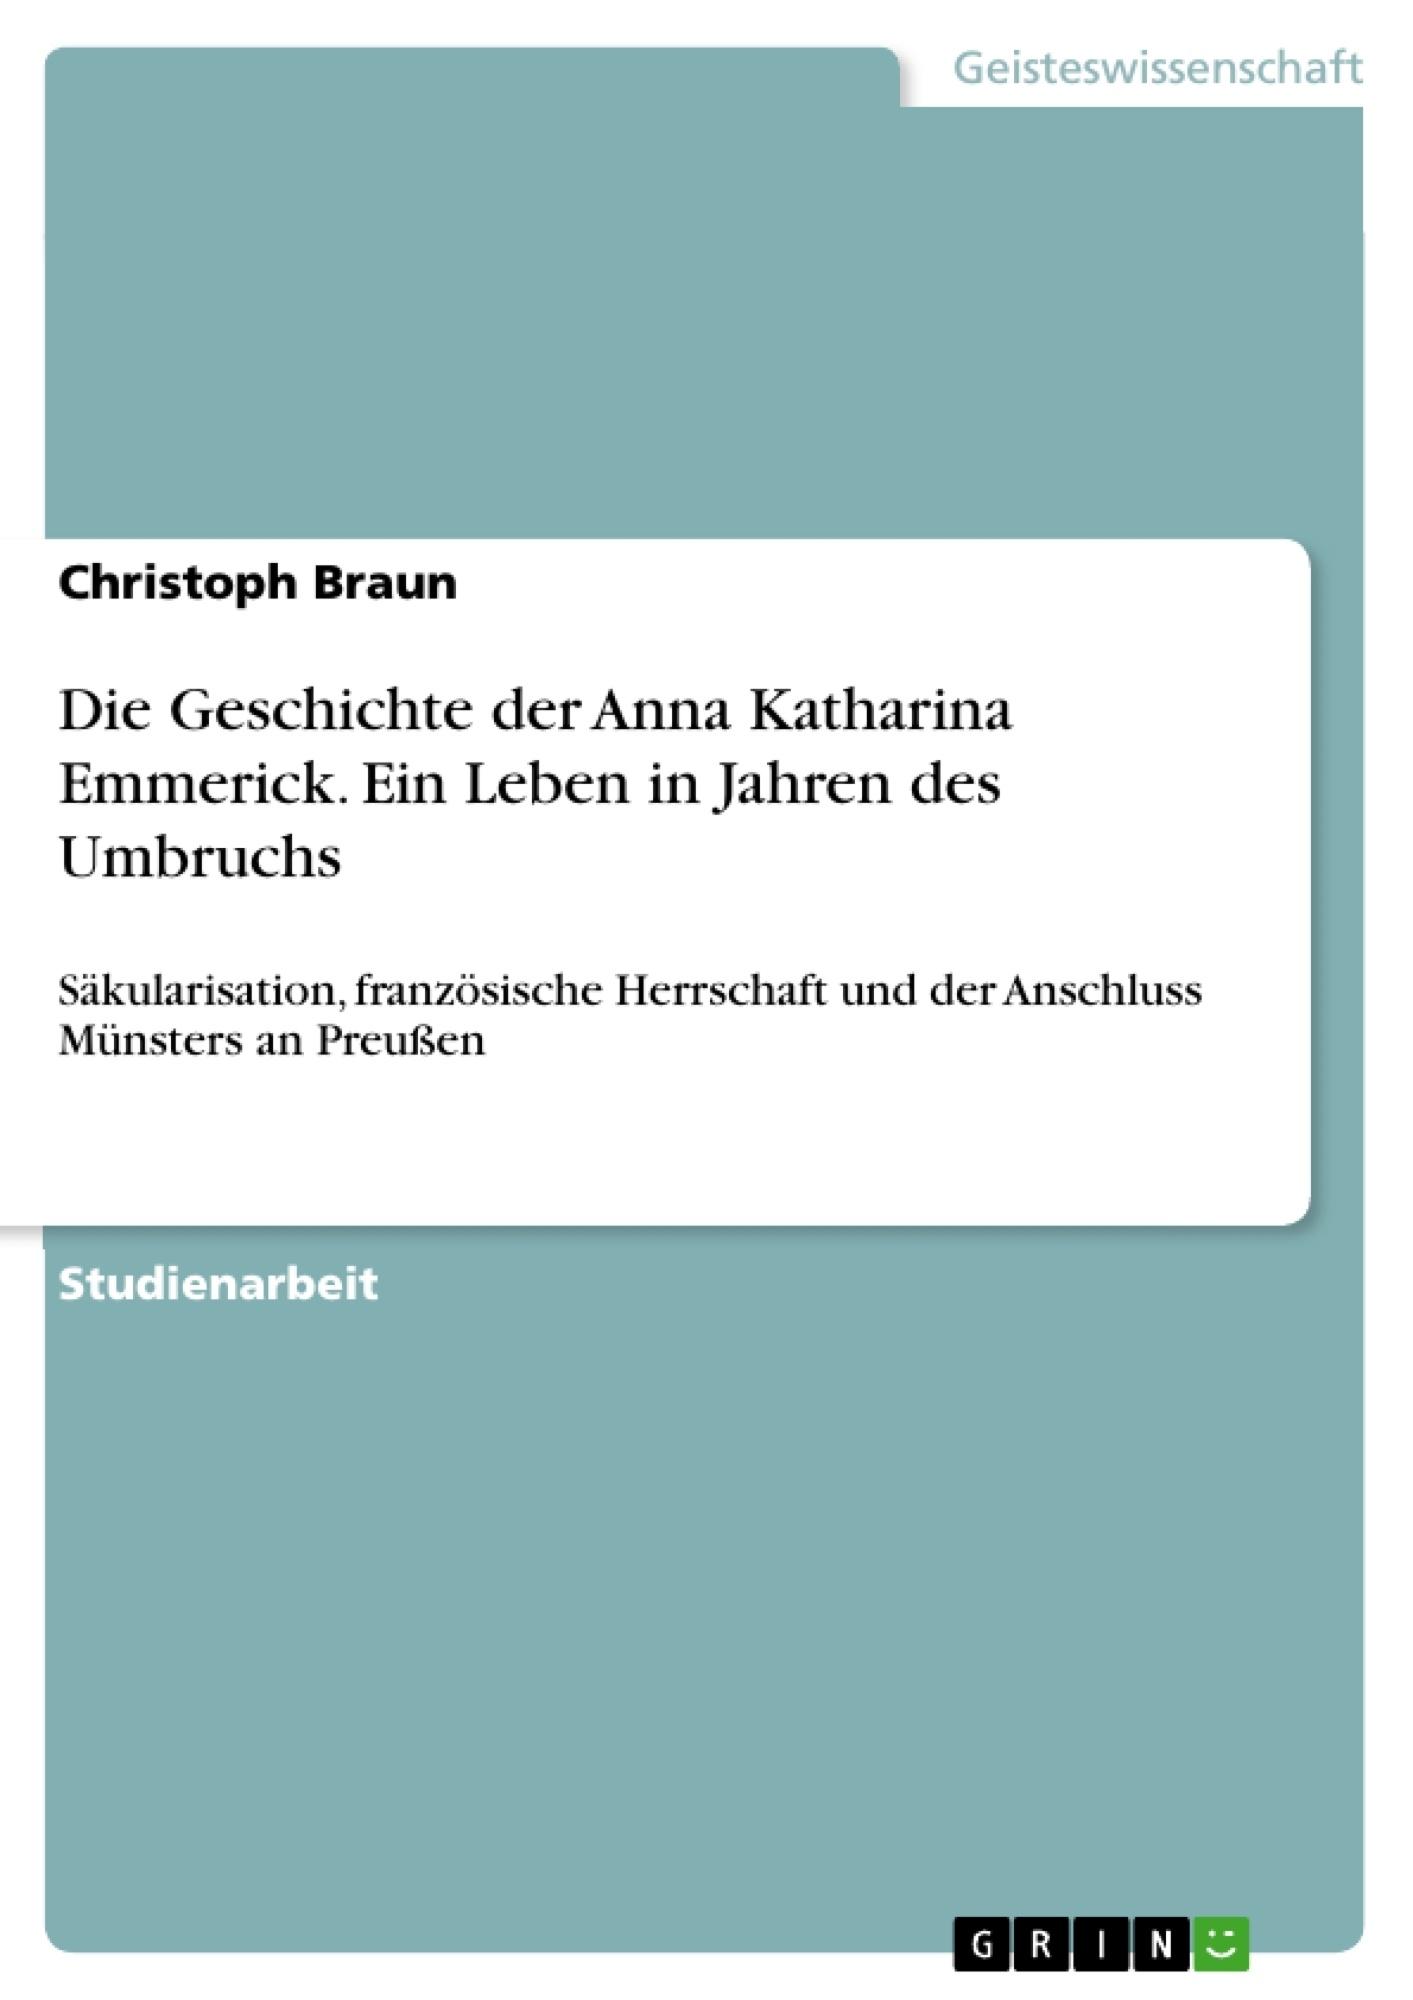 Titel: Die Geschichte der Anna Katharina Emmerick. Ein Leben in Jahren des Umbruchs